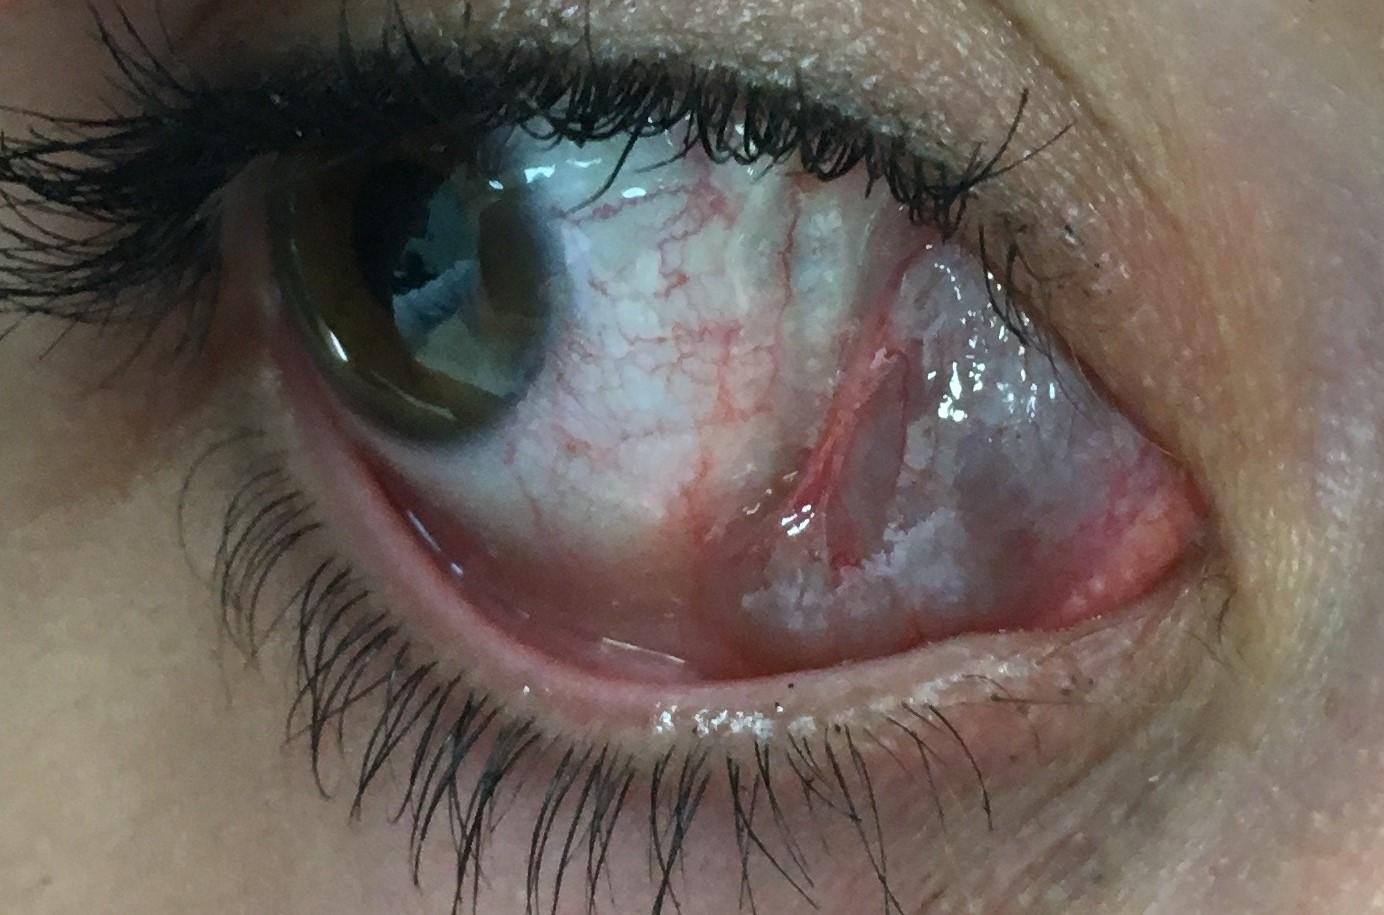 Lesiones y tumores orbitarios - Enfermedades de los ojos - Vissum